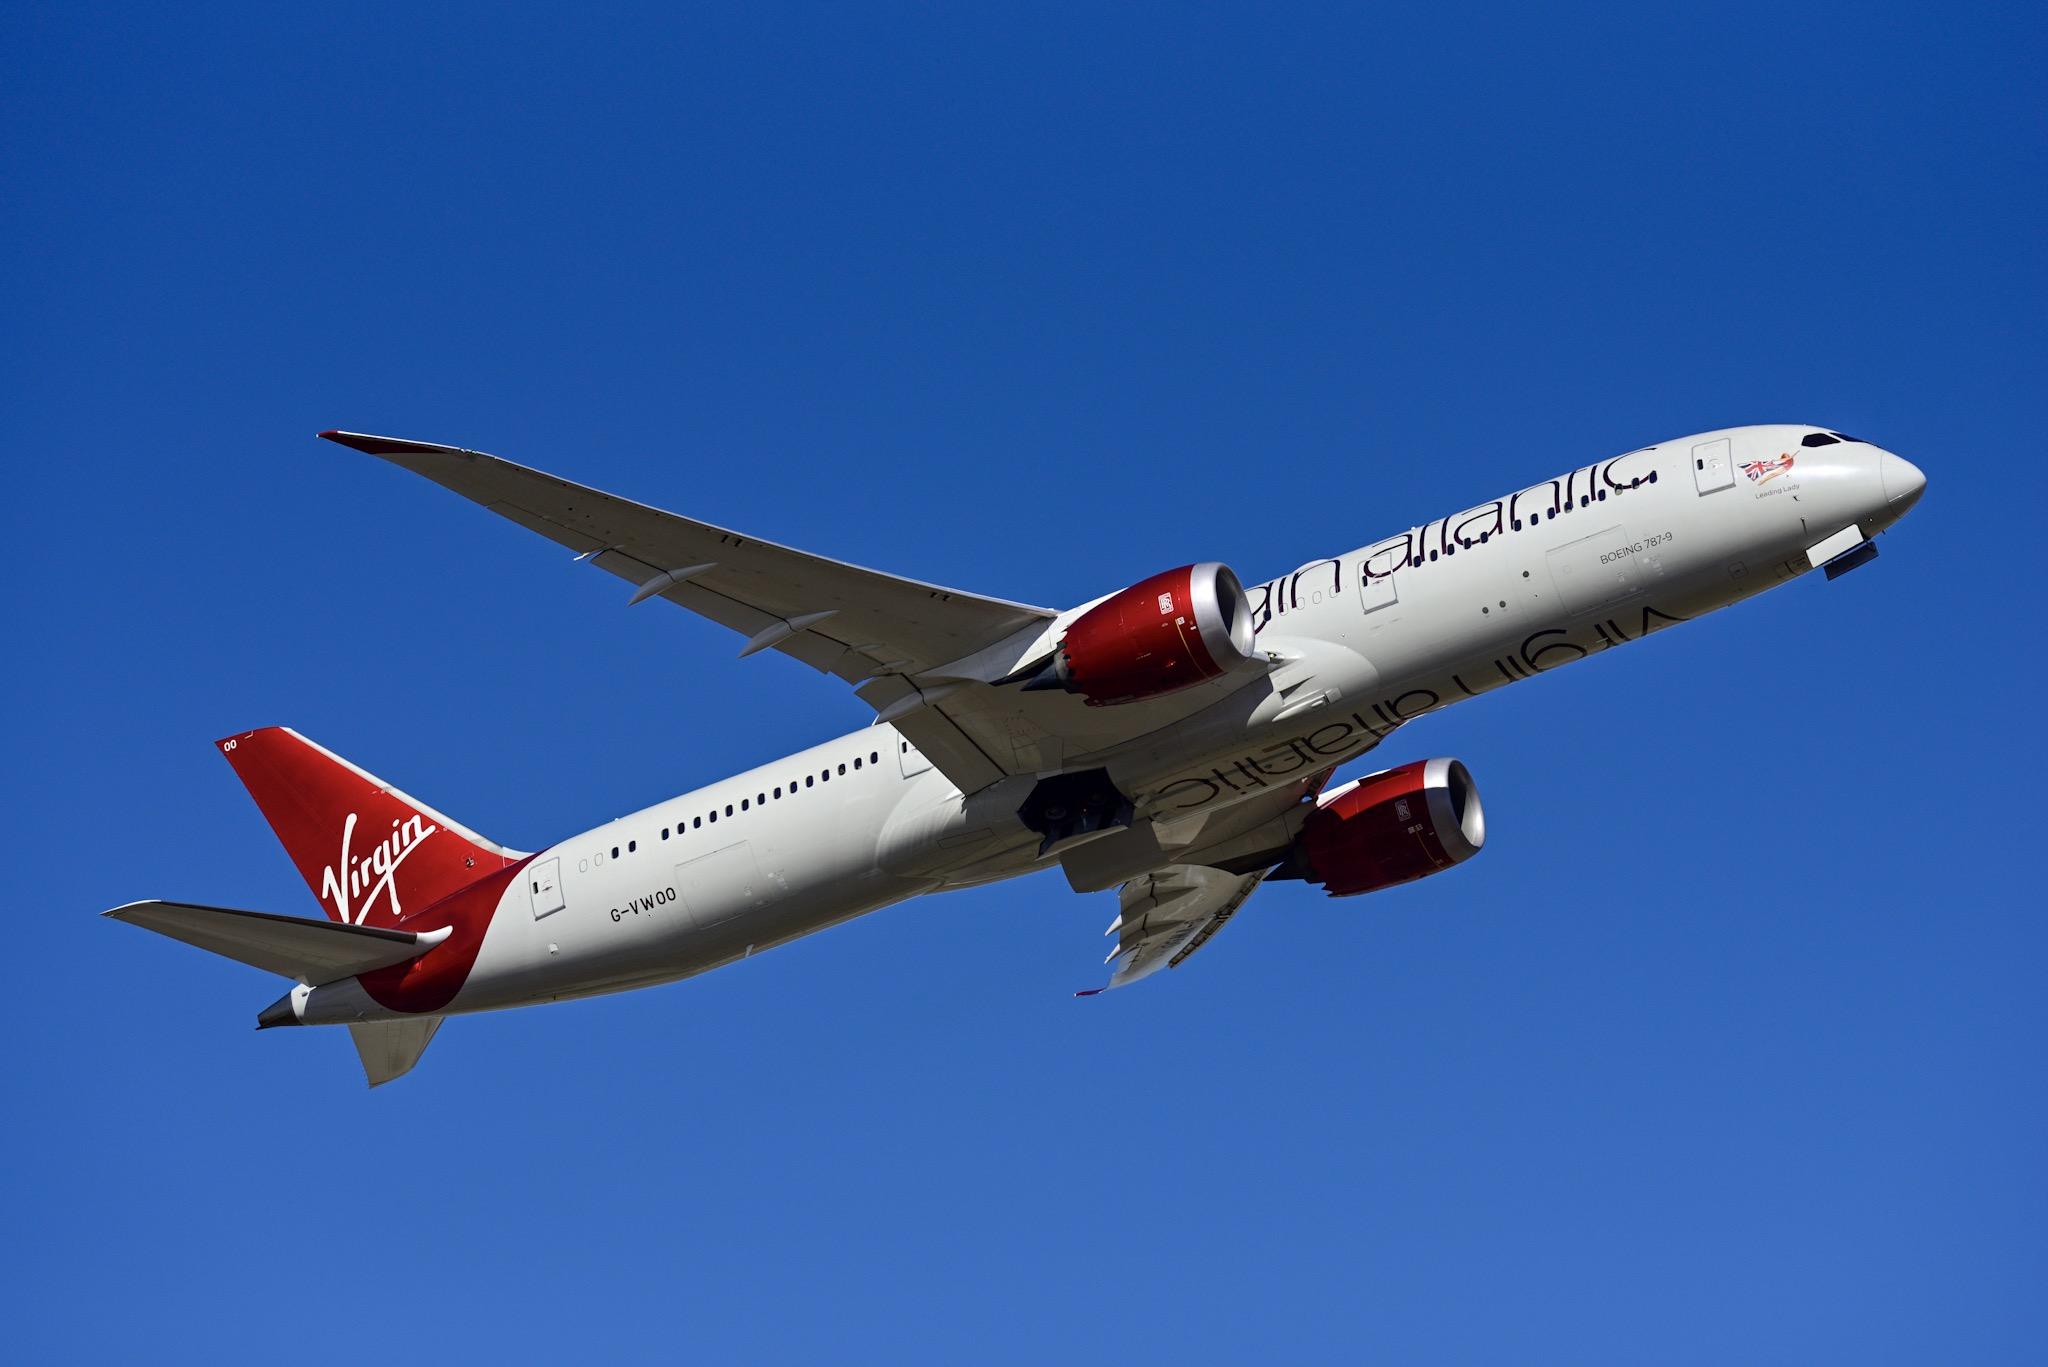 エミレーツ、仁川など新たに16都市へ運航再開 乗継旅客の規制解除で